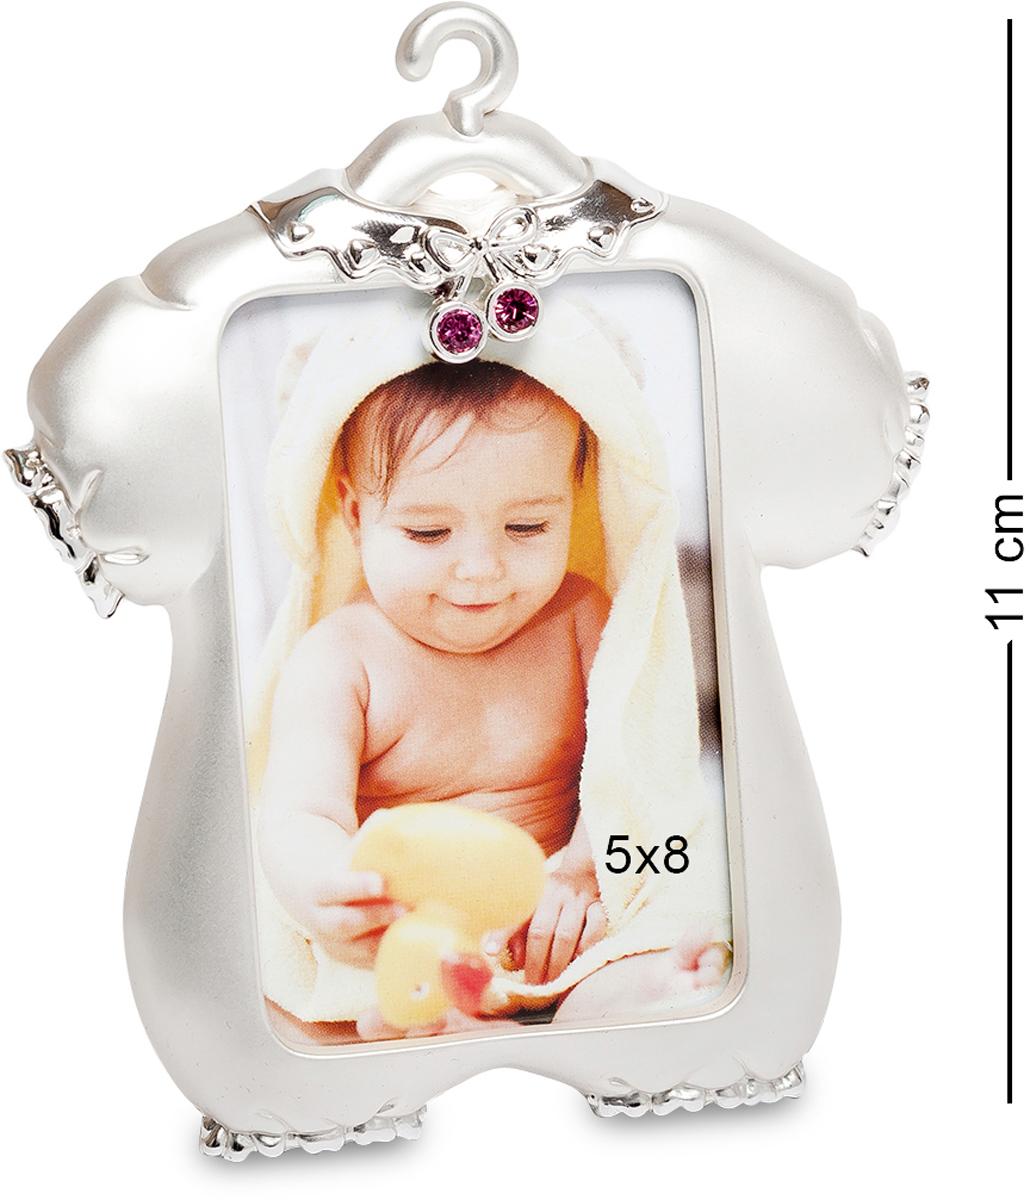 Фоторамка Bellezza Casa Маленькая принцесса, фото 5х8. CHK-004CHK-004Фоторамка для фотографий 5х8 см. Оригинальная фоторамка Маленькая принцесса может стать отличным подарком к рождению ребенка. Необычный дизайн в виде забавного комбинезона станет милым сюрпризом довольным родителям. Счастливый момент в жизни каждого человека всегда связан с рождением детей. И хочется везде расставить фотографии малыша. Фоторамка создана в серебристой цветовой гамме. Она декорирована небольшими стразами красного цвета. Отлично подойдёт в качестве элемента декора в детскую комнату. Если вам хочется всегда видеть фотографии любимого ребенка, то фоторамка прекрасное воплощение ваших желаний в реальность. Она предназначена для фотографии девочки.